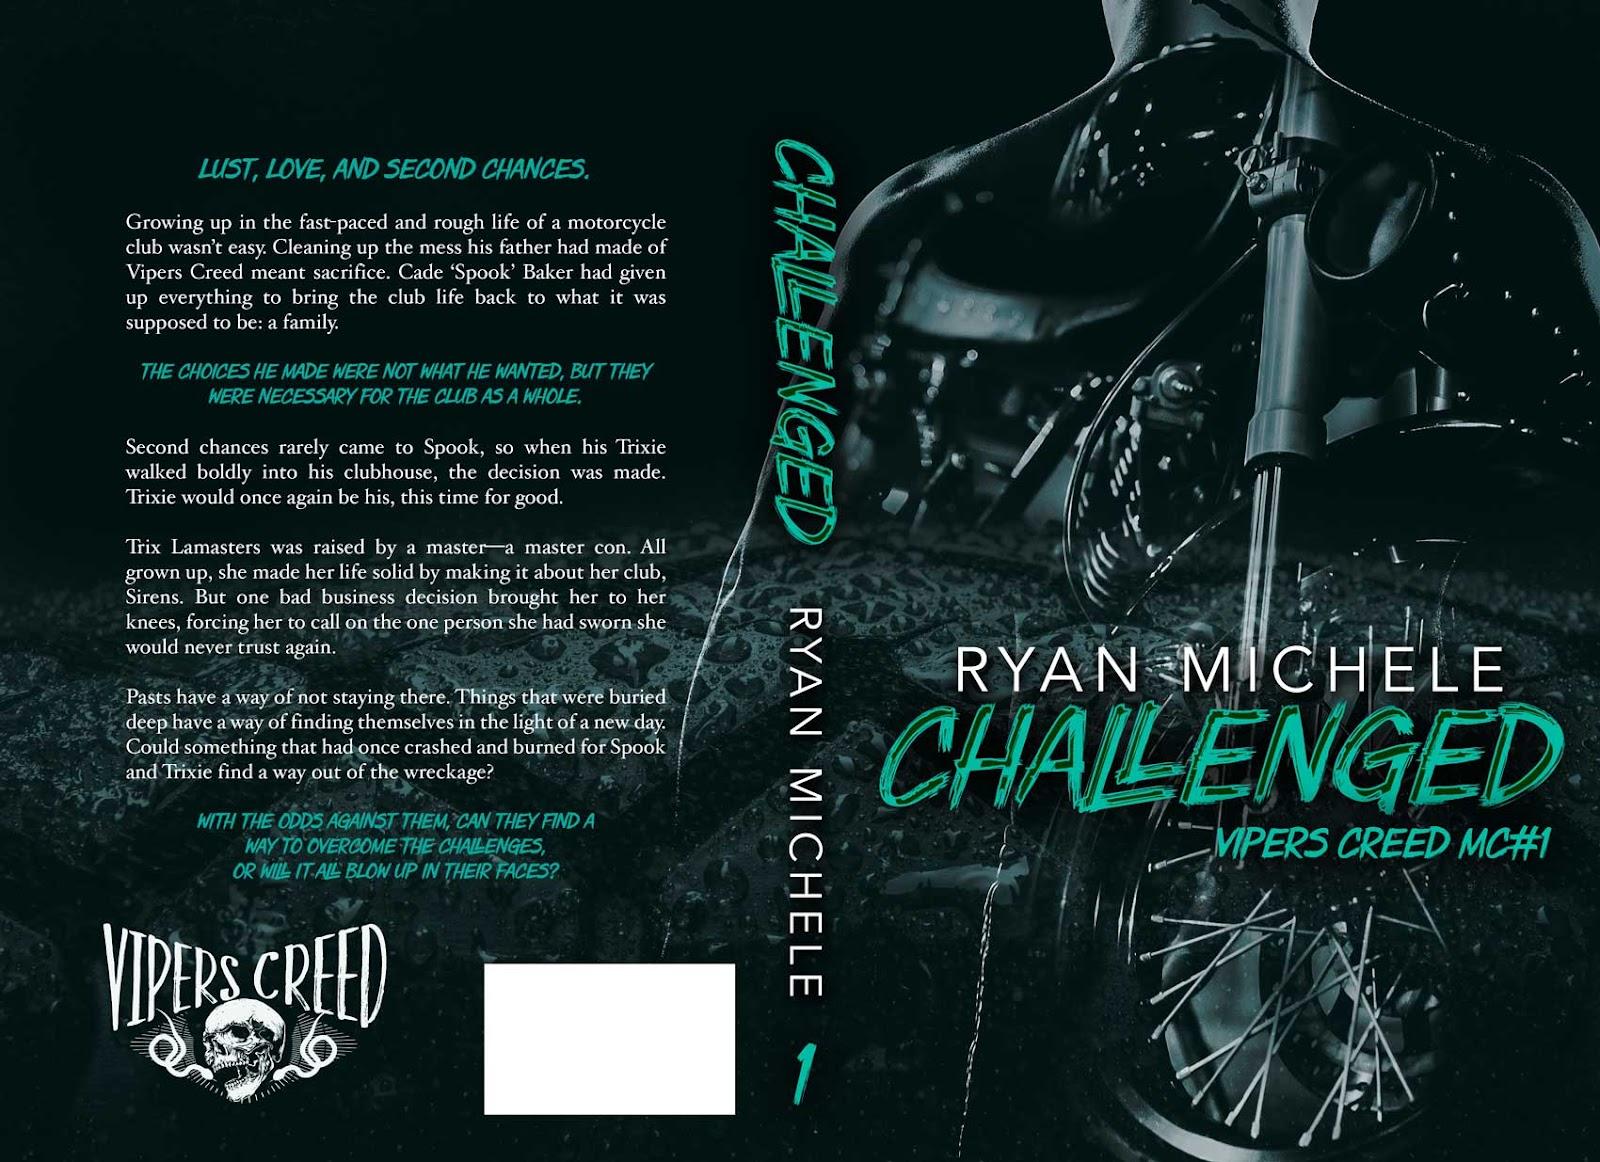 Challenged full.jpg